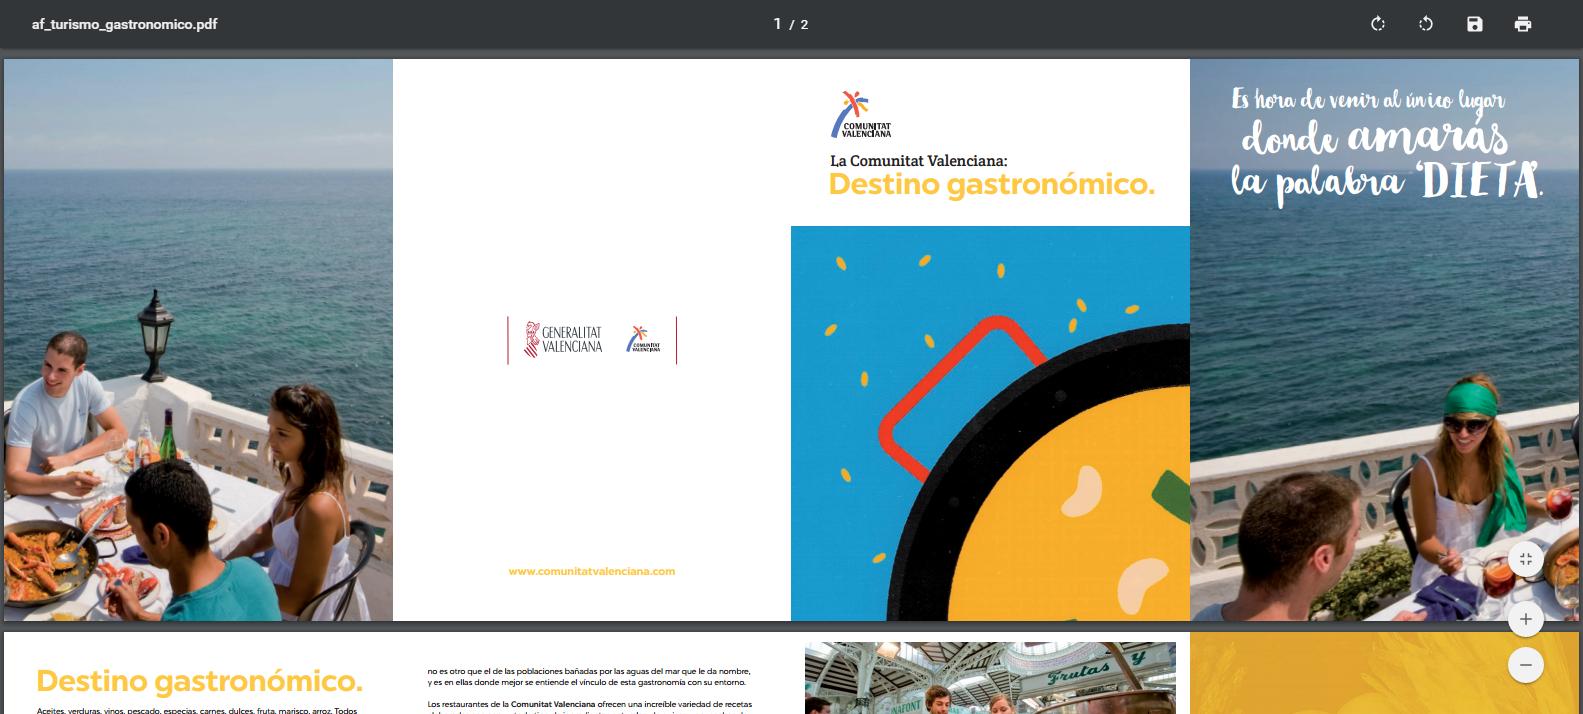 La Agència Valenciana del Turisme edita una línea de publicaciones temáticas para dar a conocer sus nuevos productos y buscar nuevos segmentos